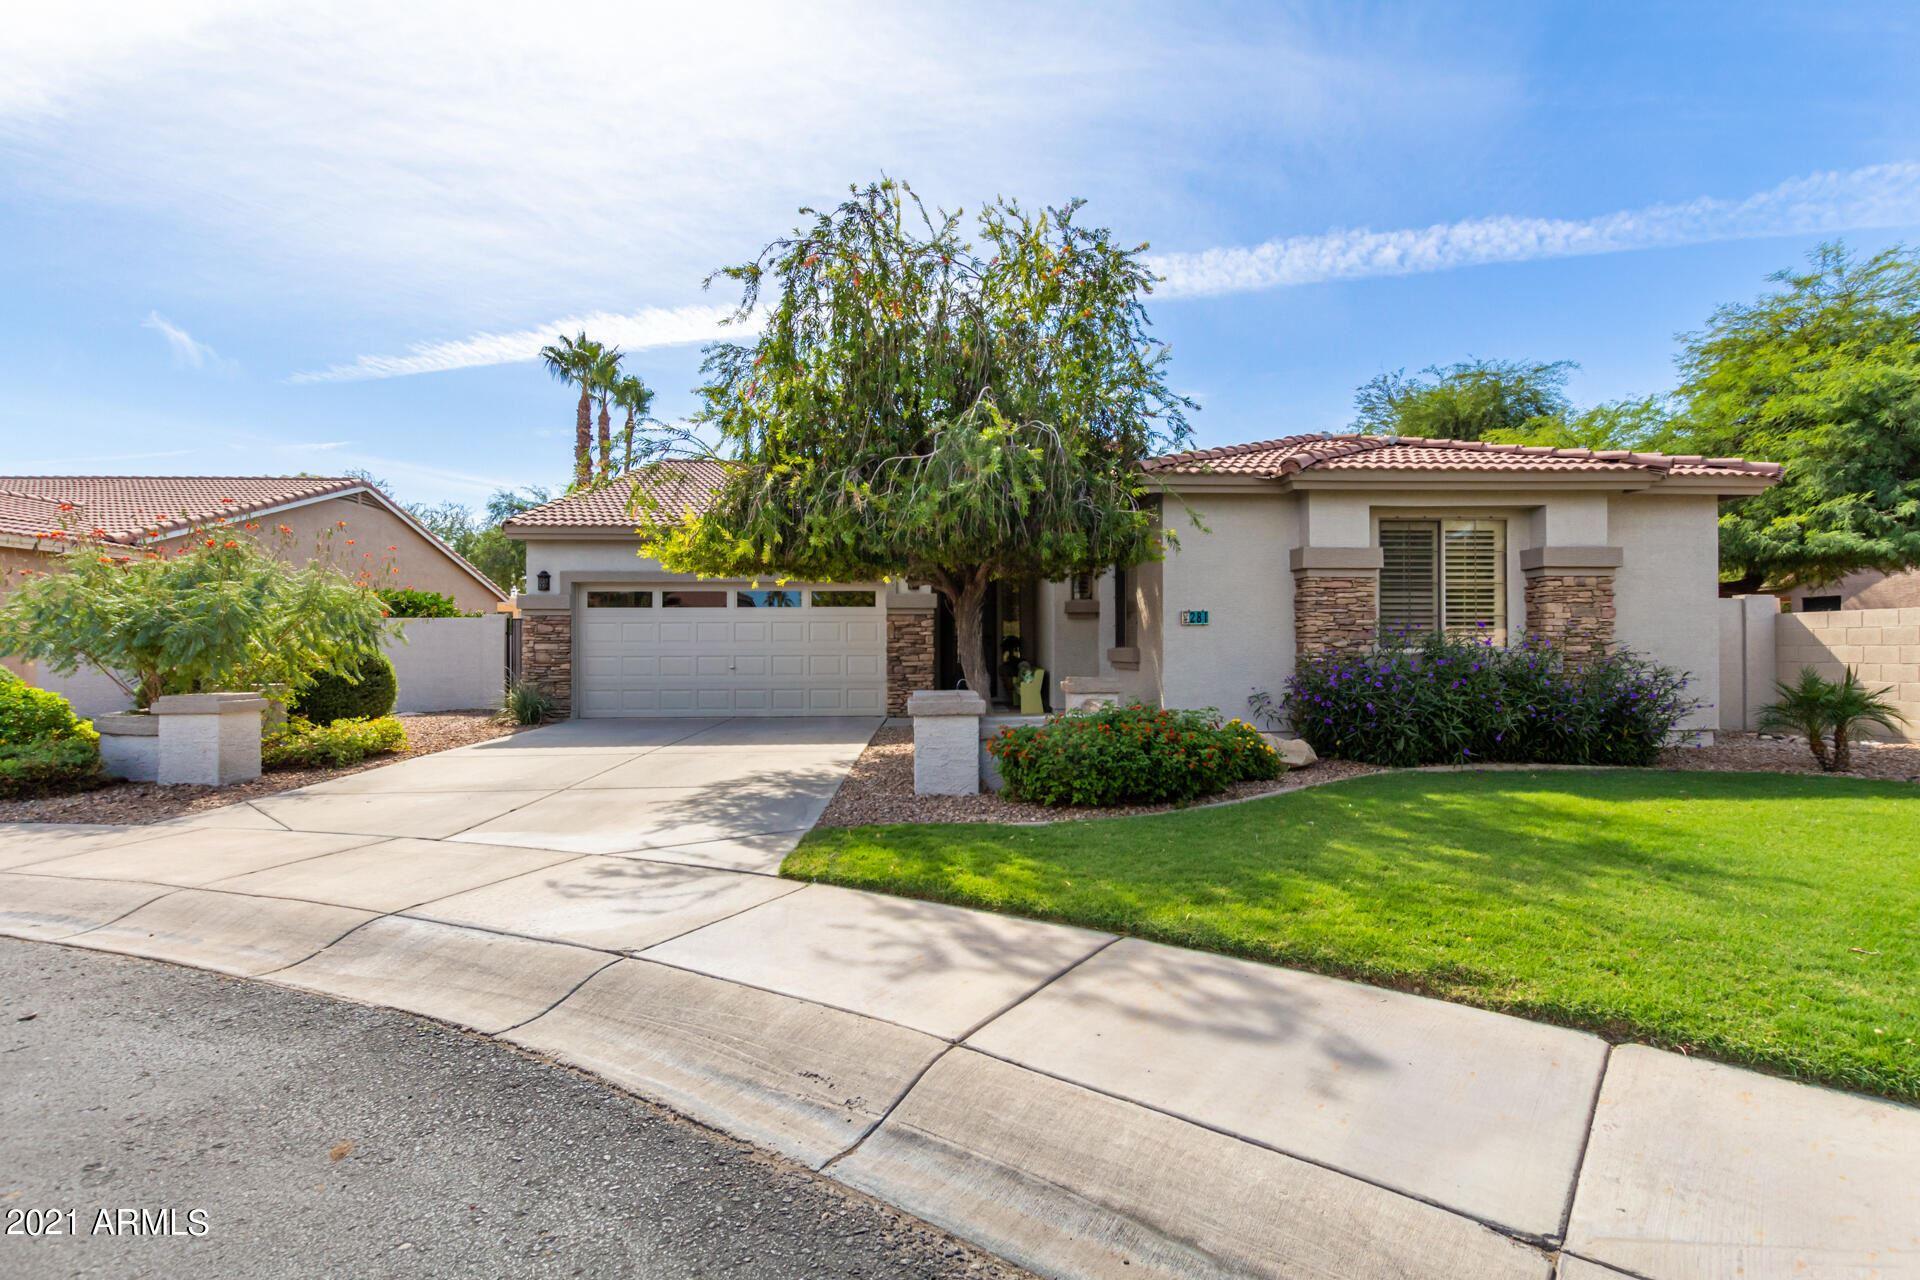 Photo of 281 W BIRCHWOOD Place, Chandler, AZ 85248 (MLS # 6310796)